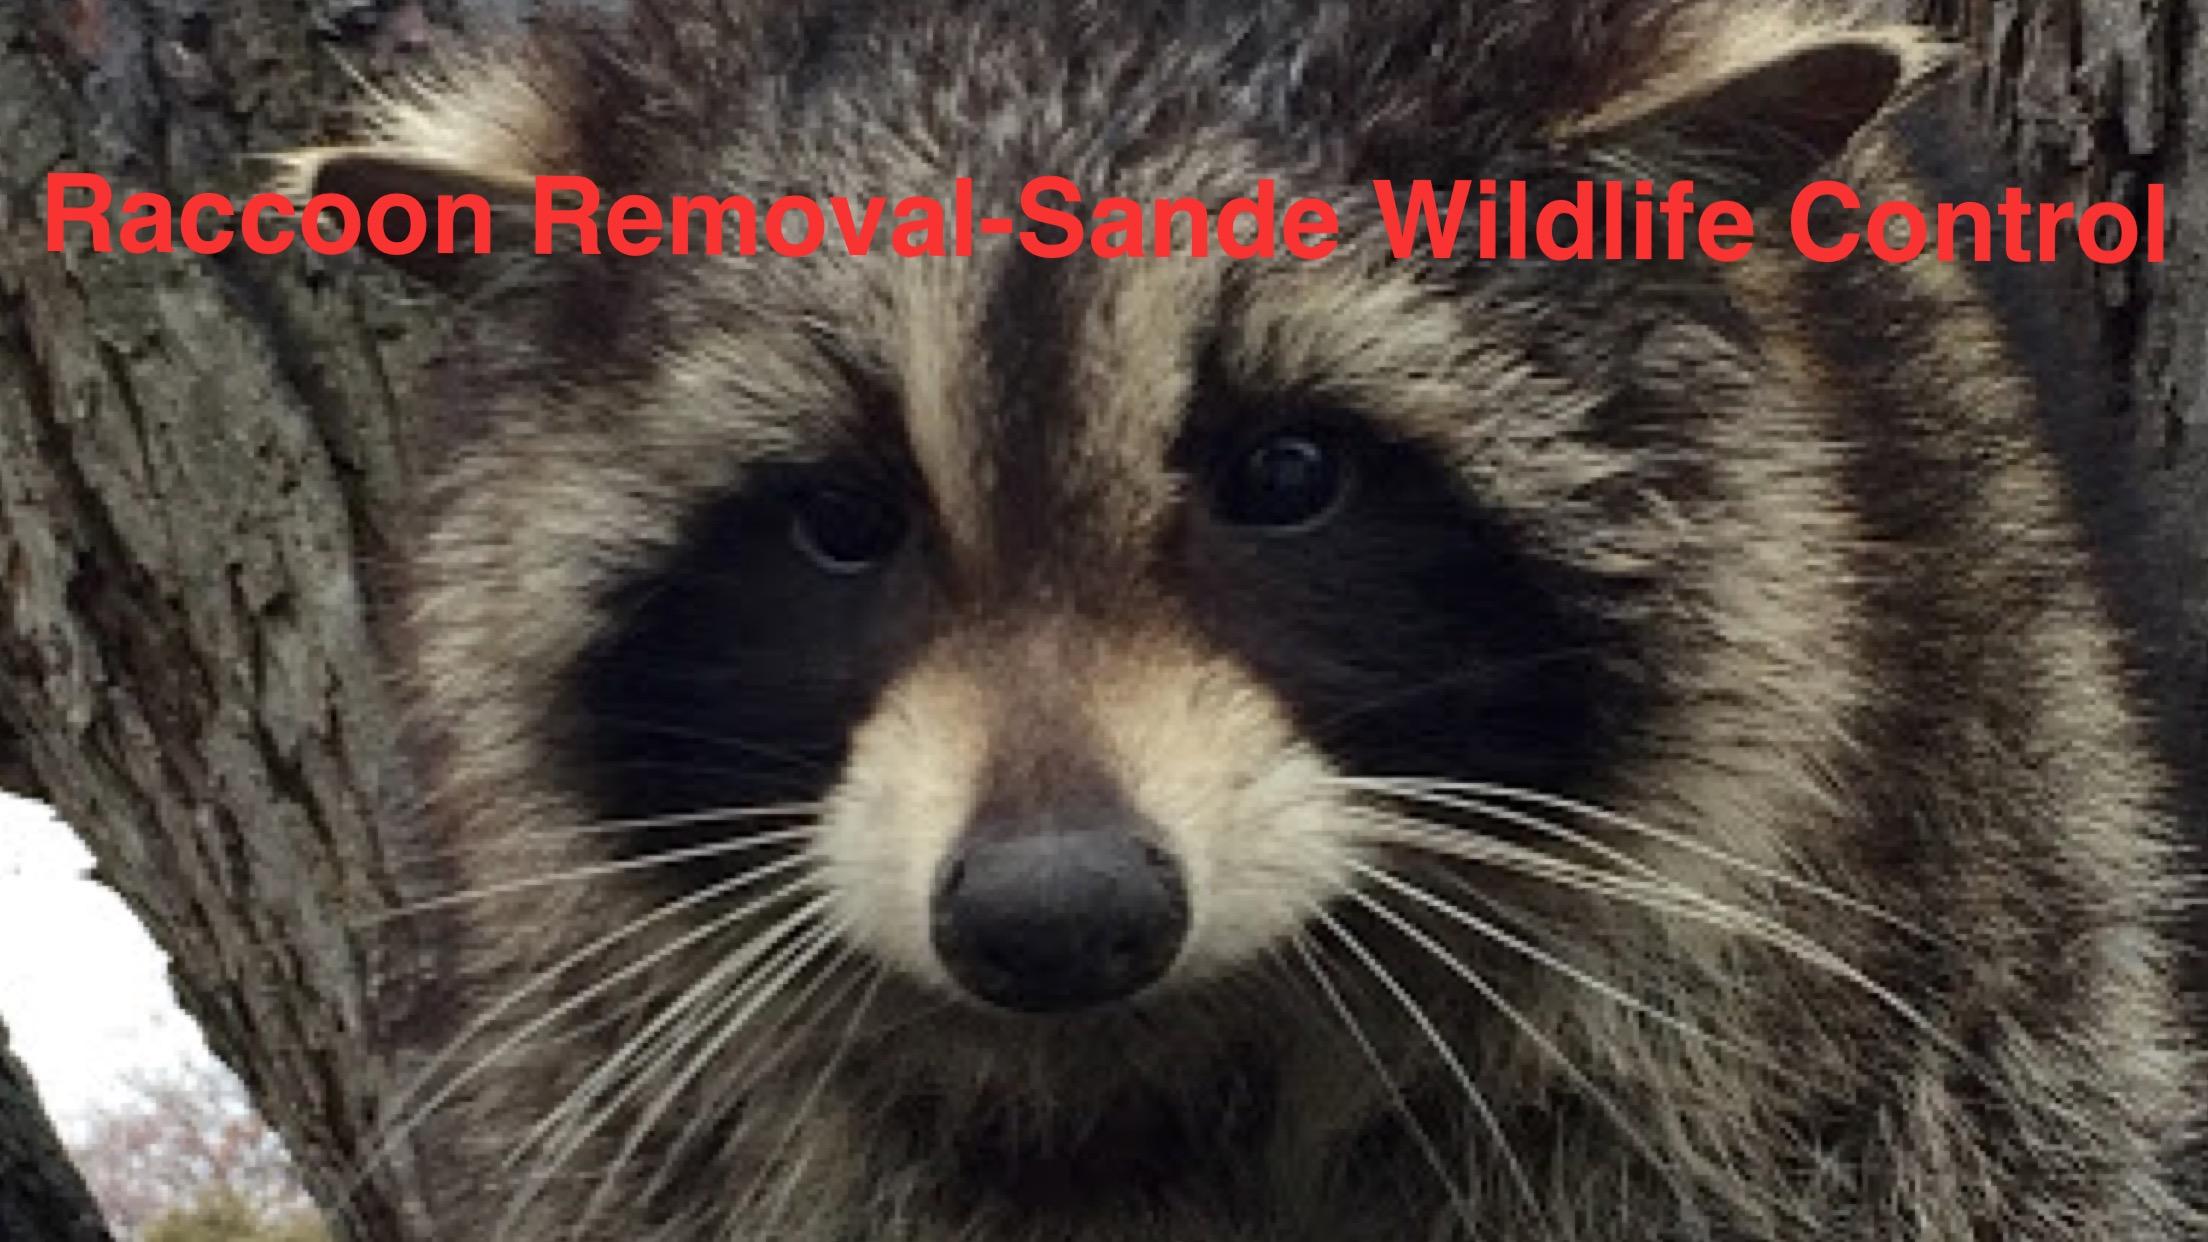 Raccoon Removal-Sande Wildlife Control